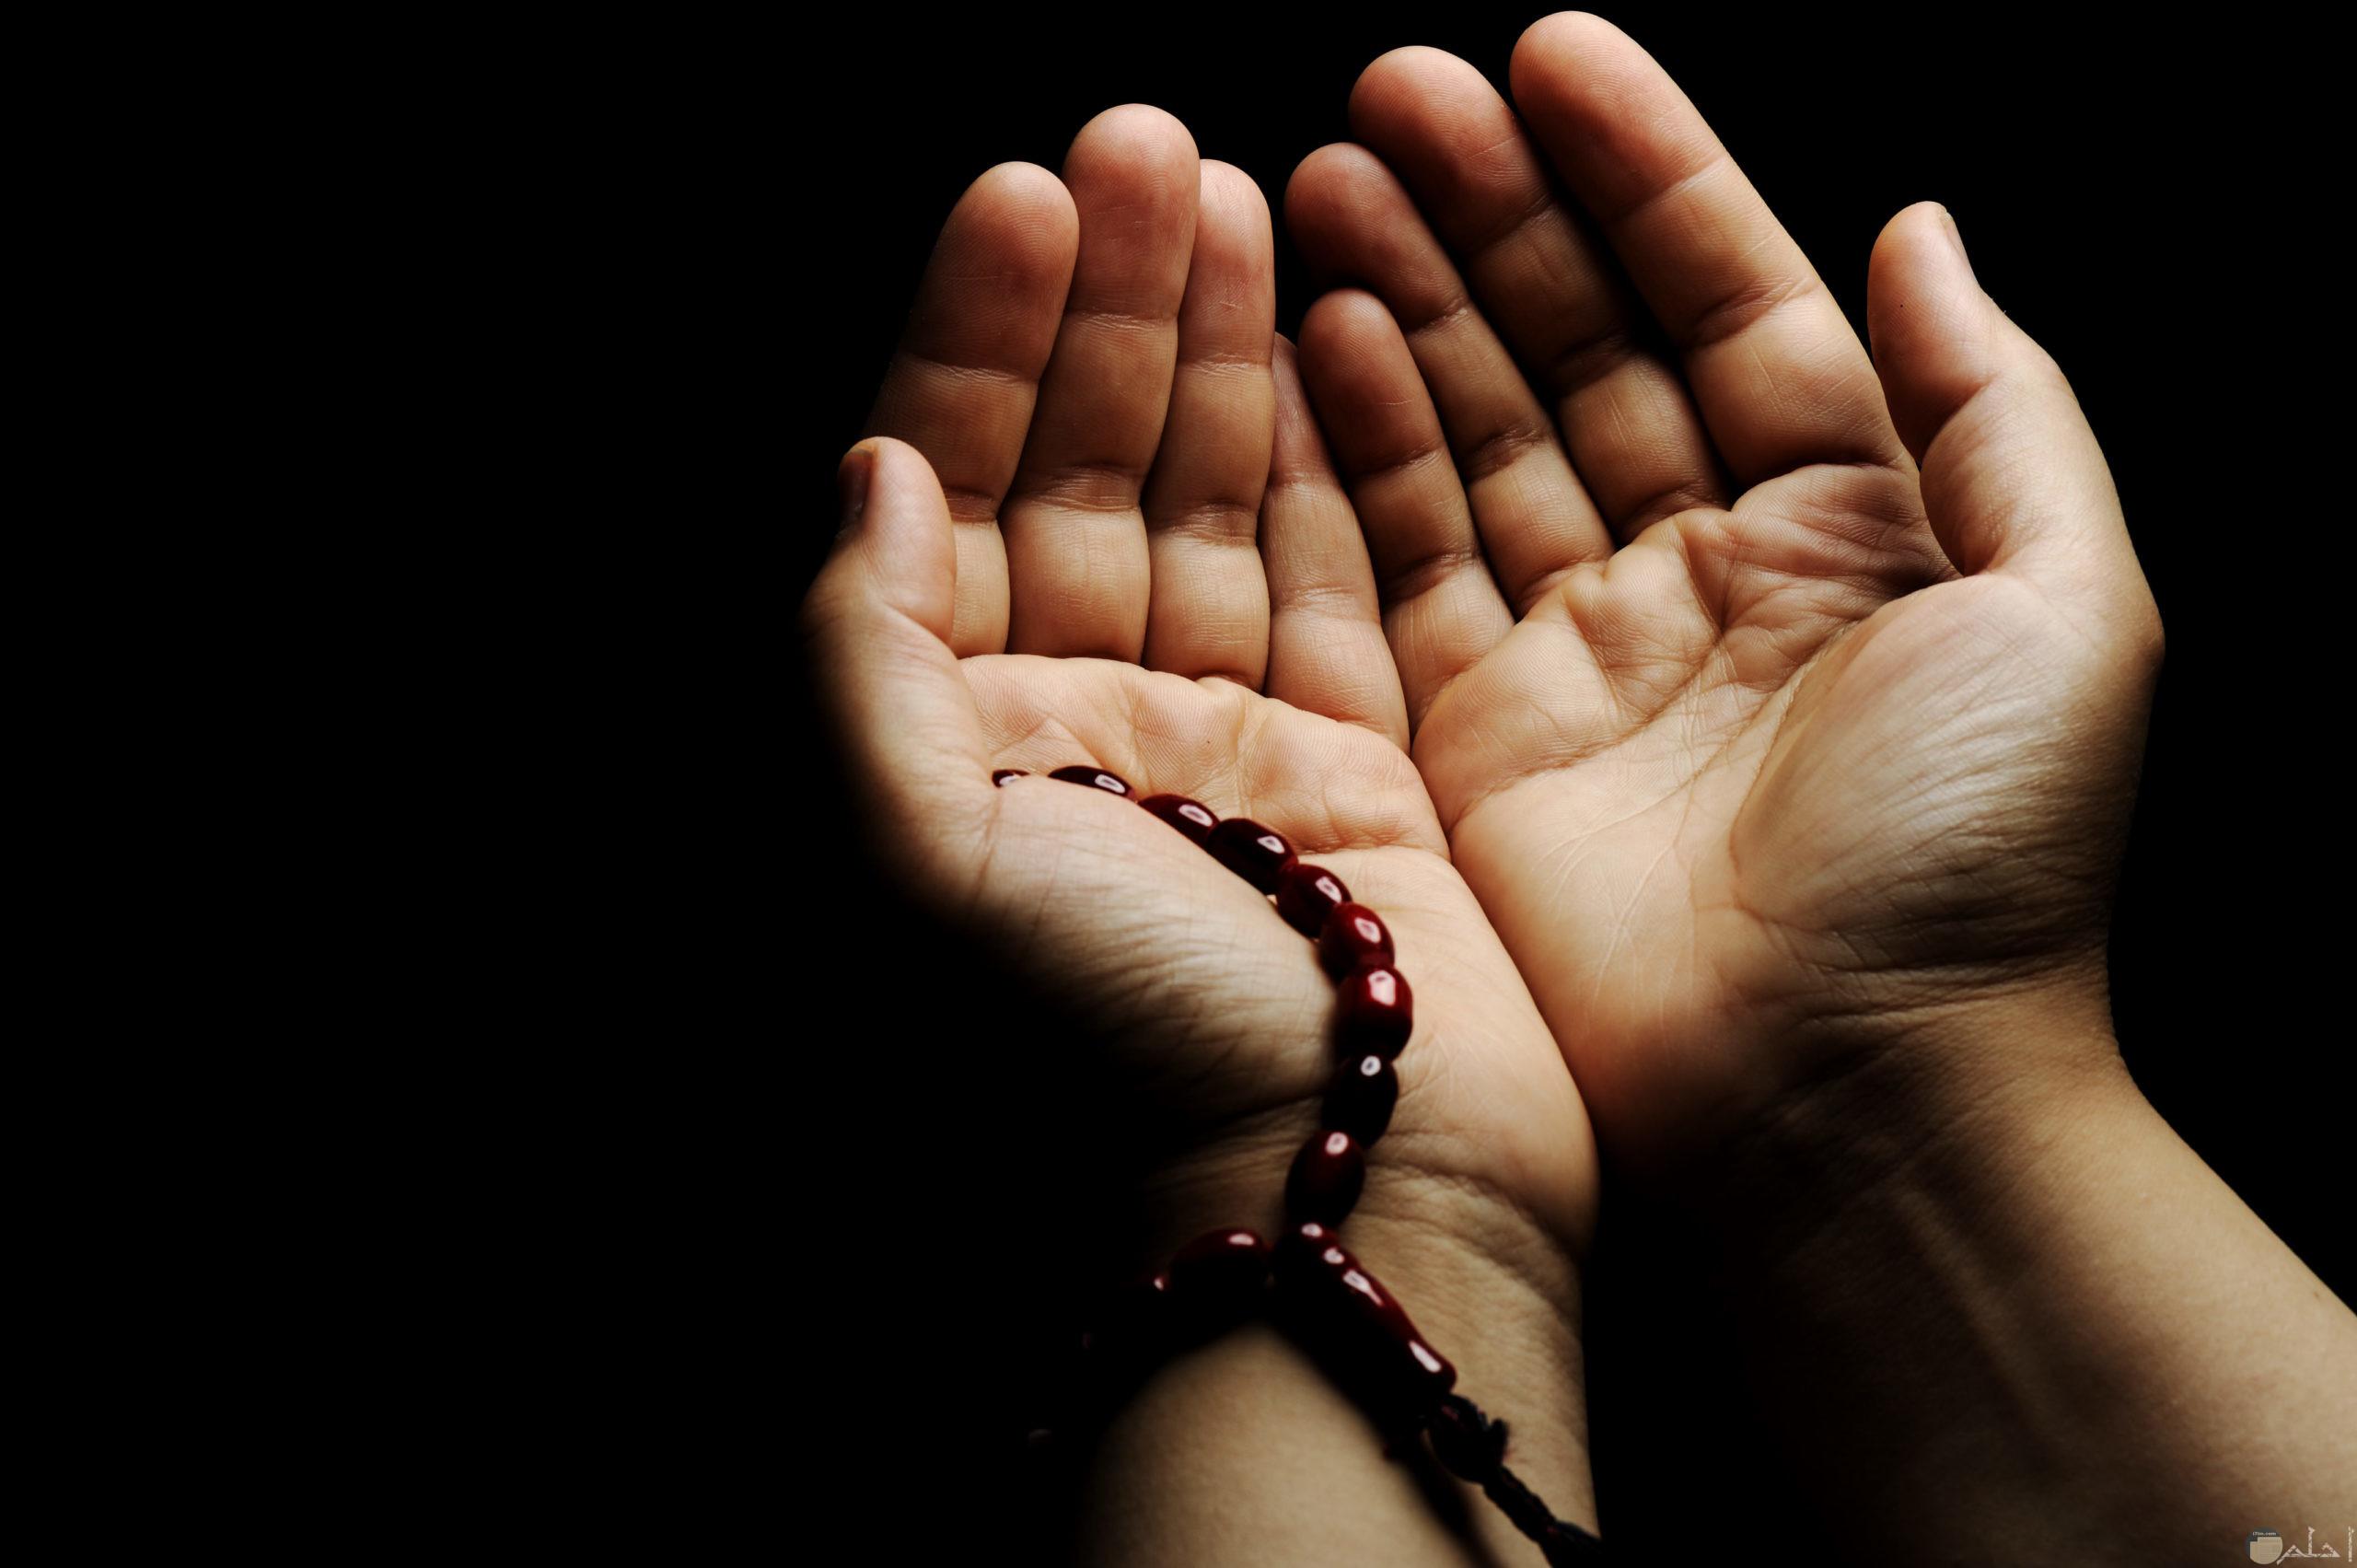 يد تمسك سبحة و تترفع بالدعاء للسماء.